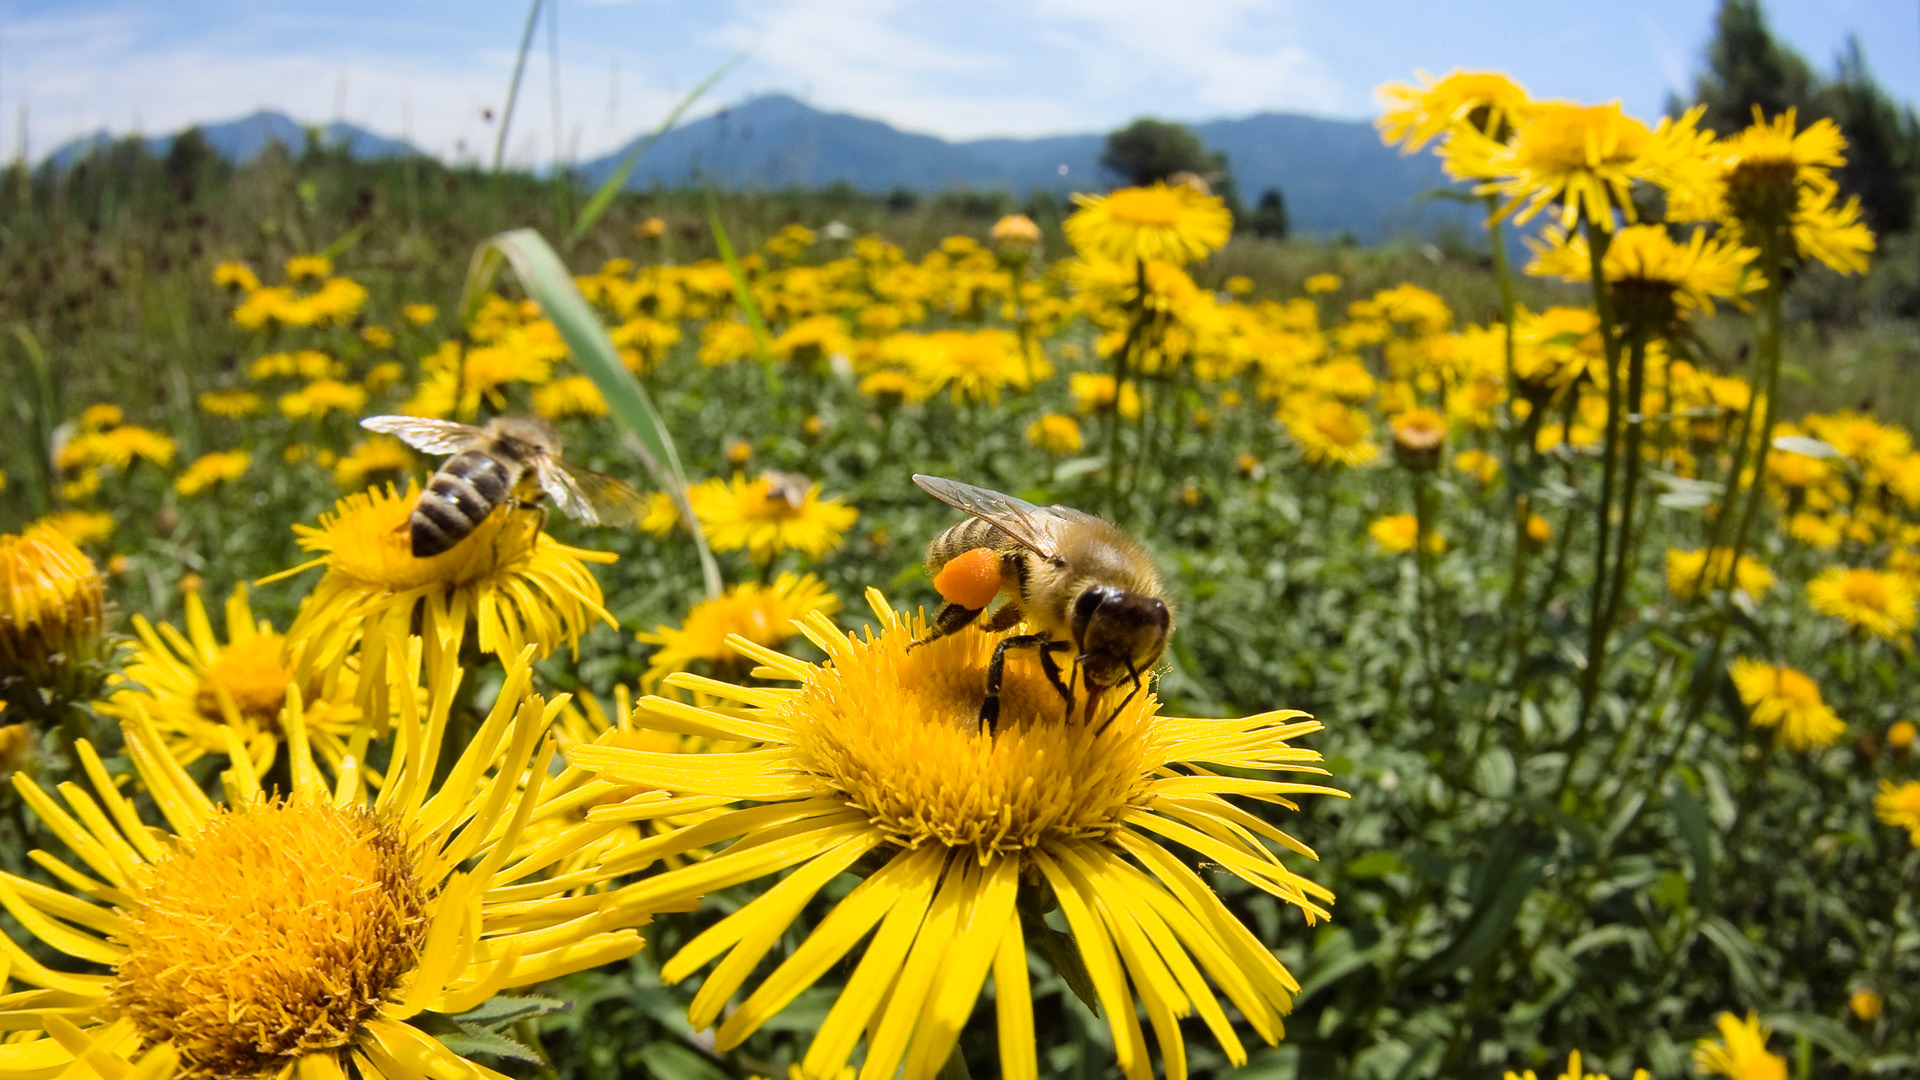 ¿Quieres atraer a las abejas? Plante las flores, evite los pesticidas, dicen los expertos - The Salt Lake Tribune